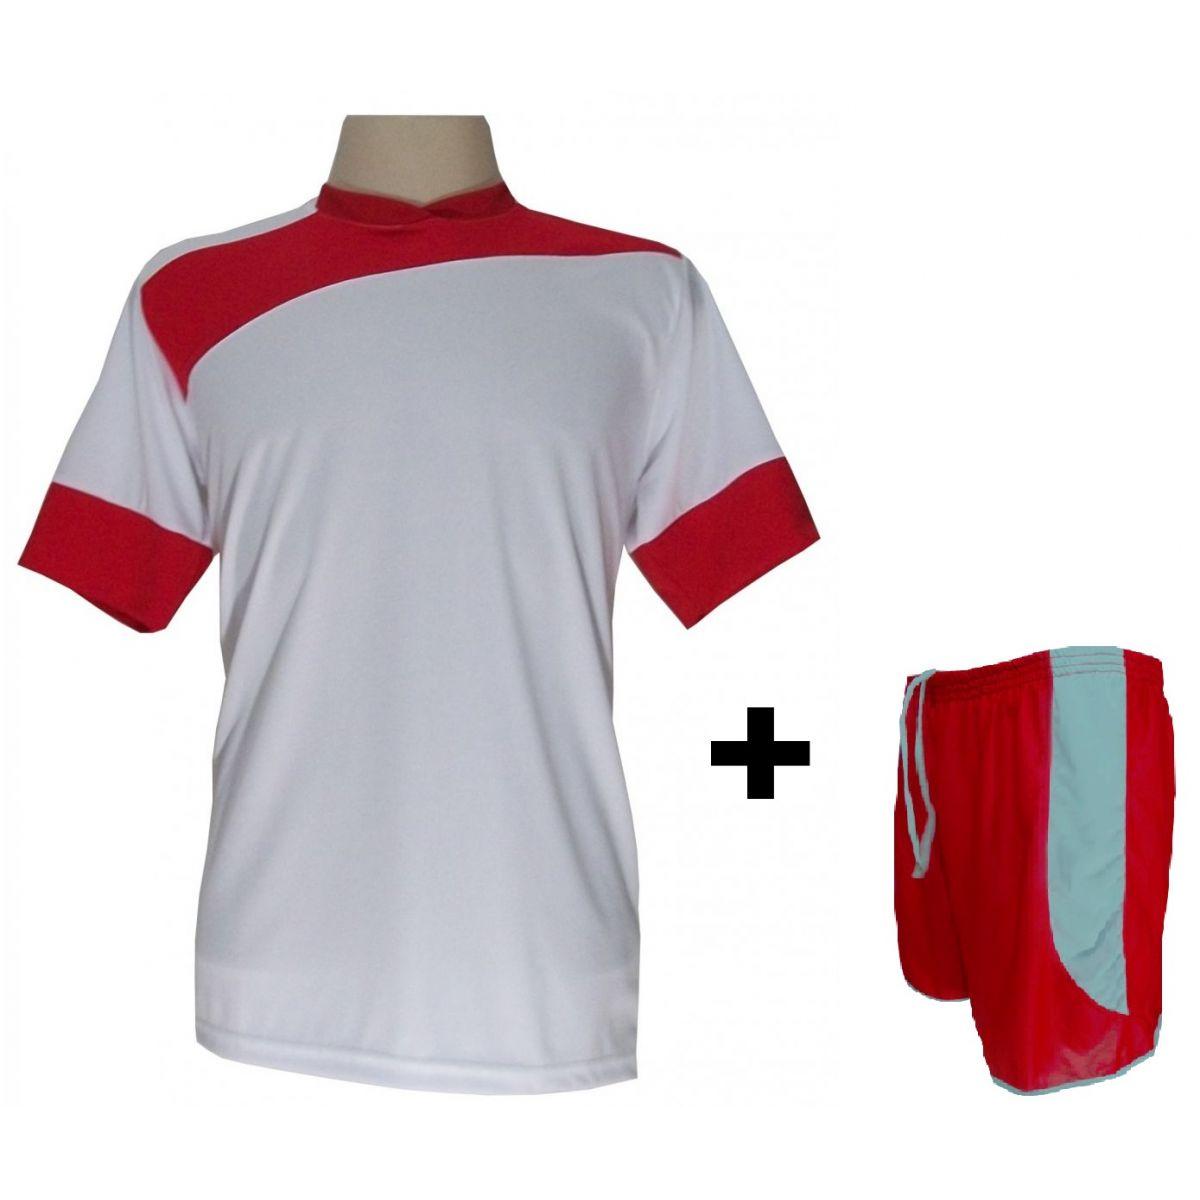 Uniforme Esportivo com 14 camisas modelo Sporting Branco/Vermelho + 14 calções modelo Copa + 1 Goleiro + Brindes